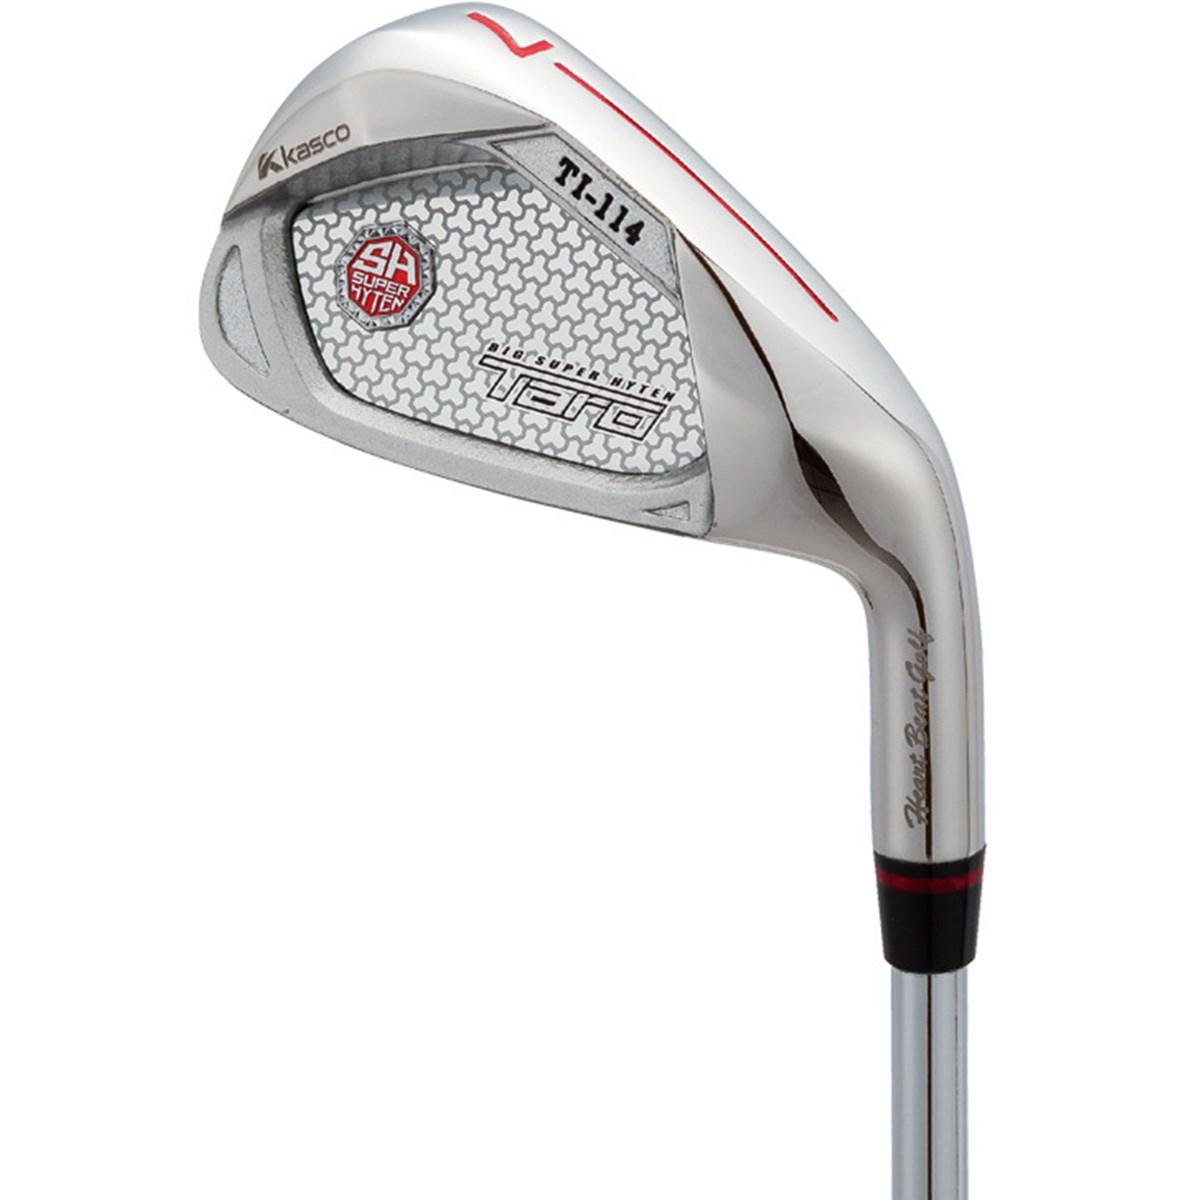 キャスコ ビッグスーパーハイテン TARO アイアン(6本セット) N.S.PRO 950GH ゴルフ